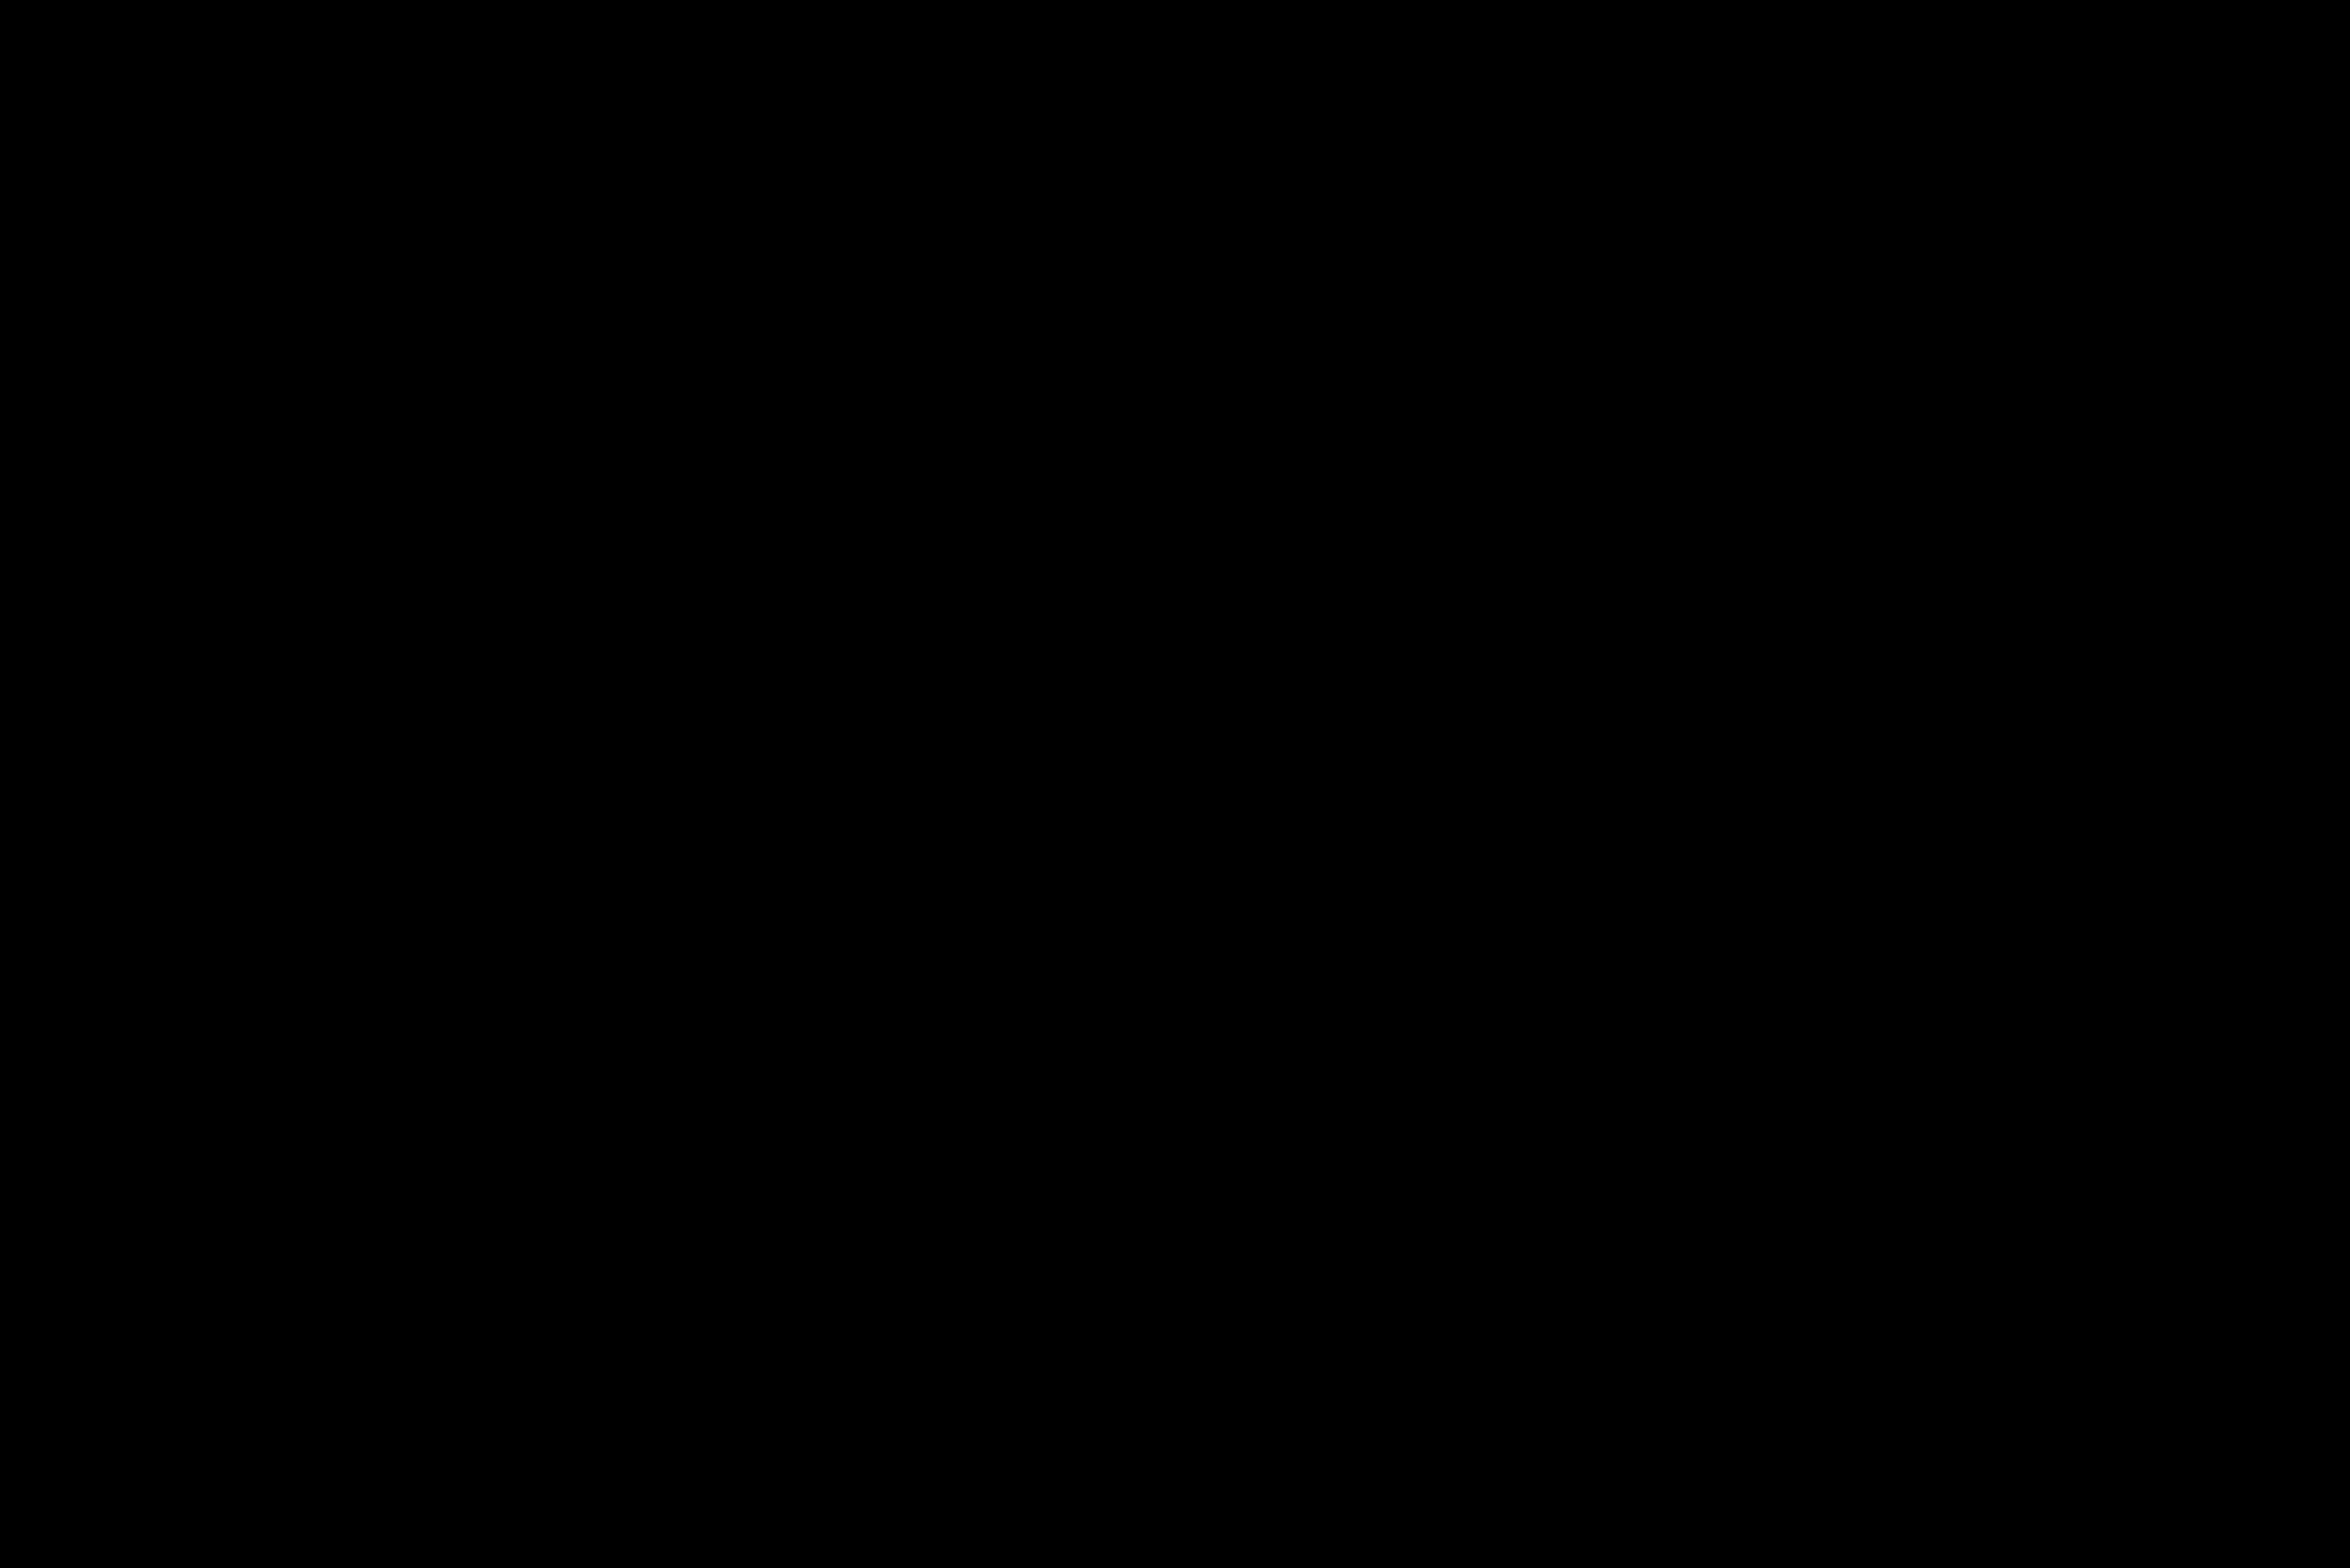 Португалия туристический сезон, желтый трамвай в Лиссабоне